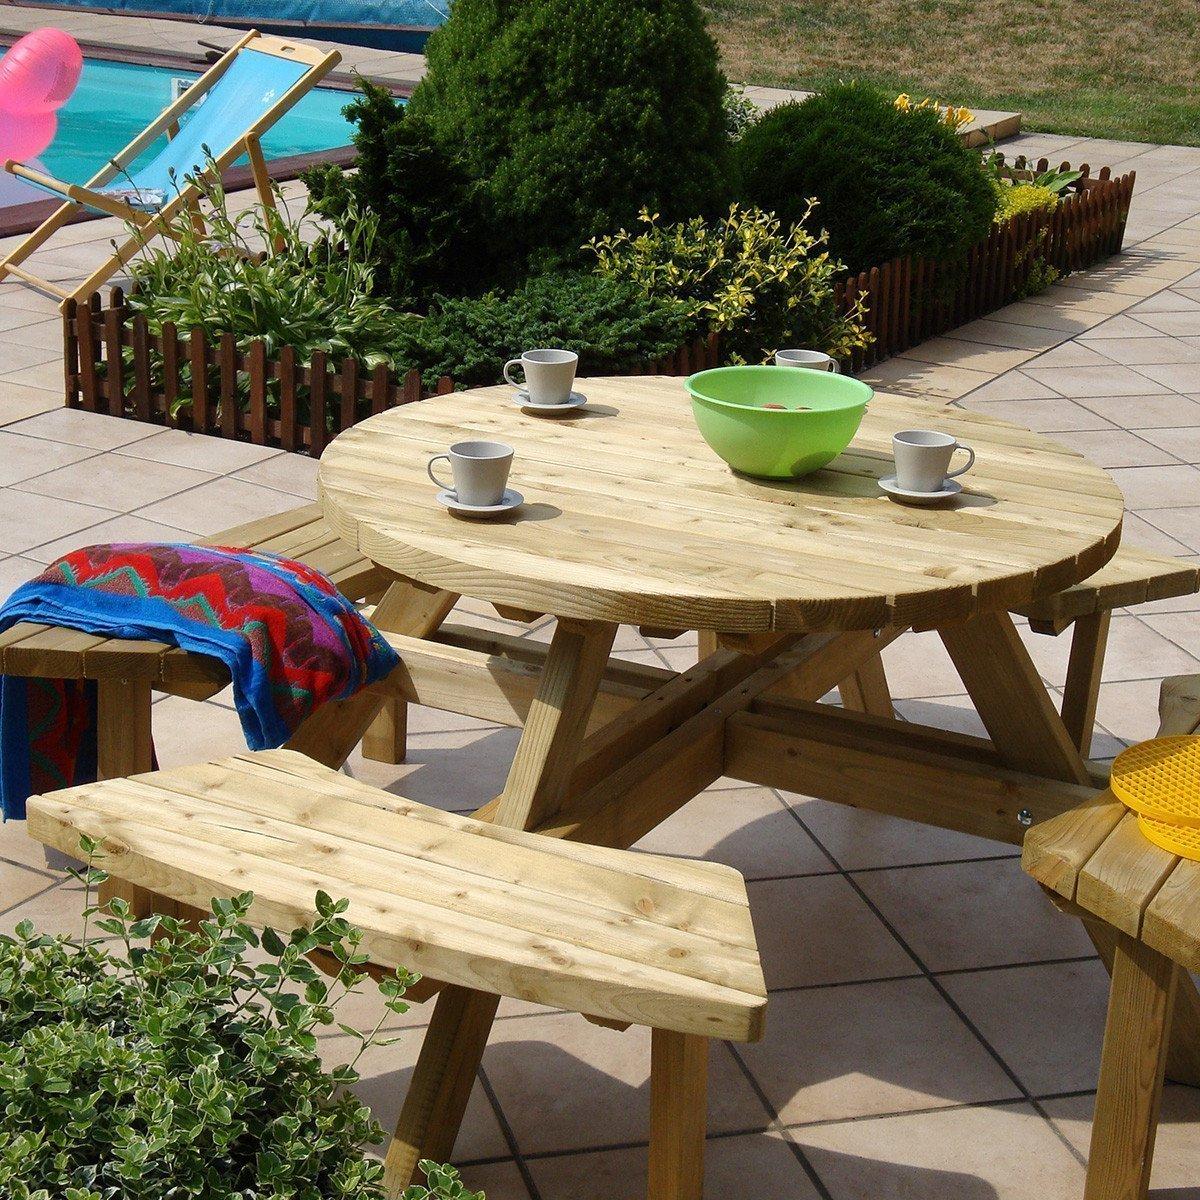 Table Pique-Nique Ronde En Bois 4 Places - Achat/vente De ... serapportantà Mobilier Extarieur Pas Cher